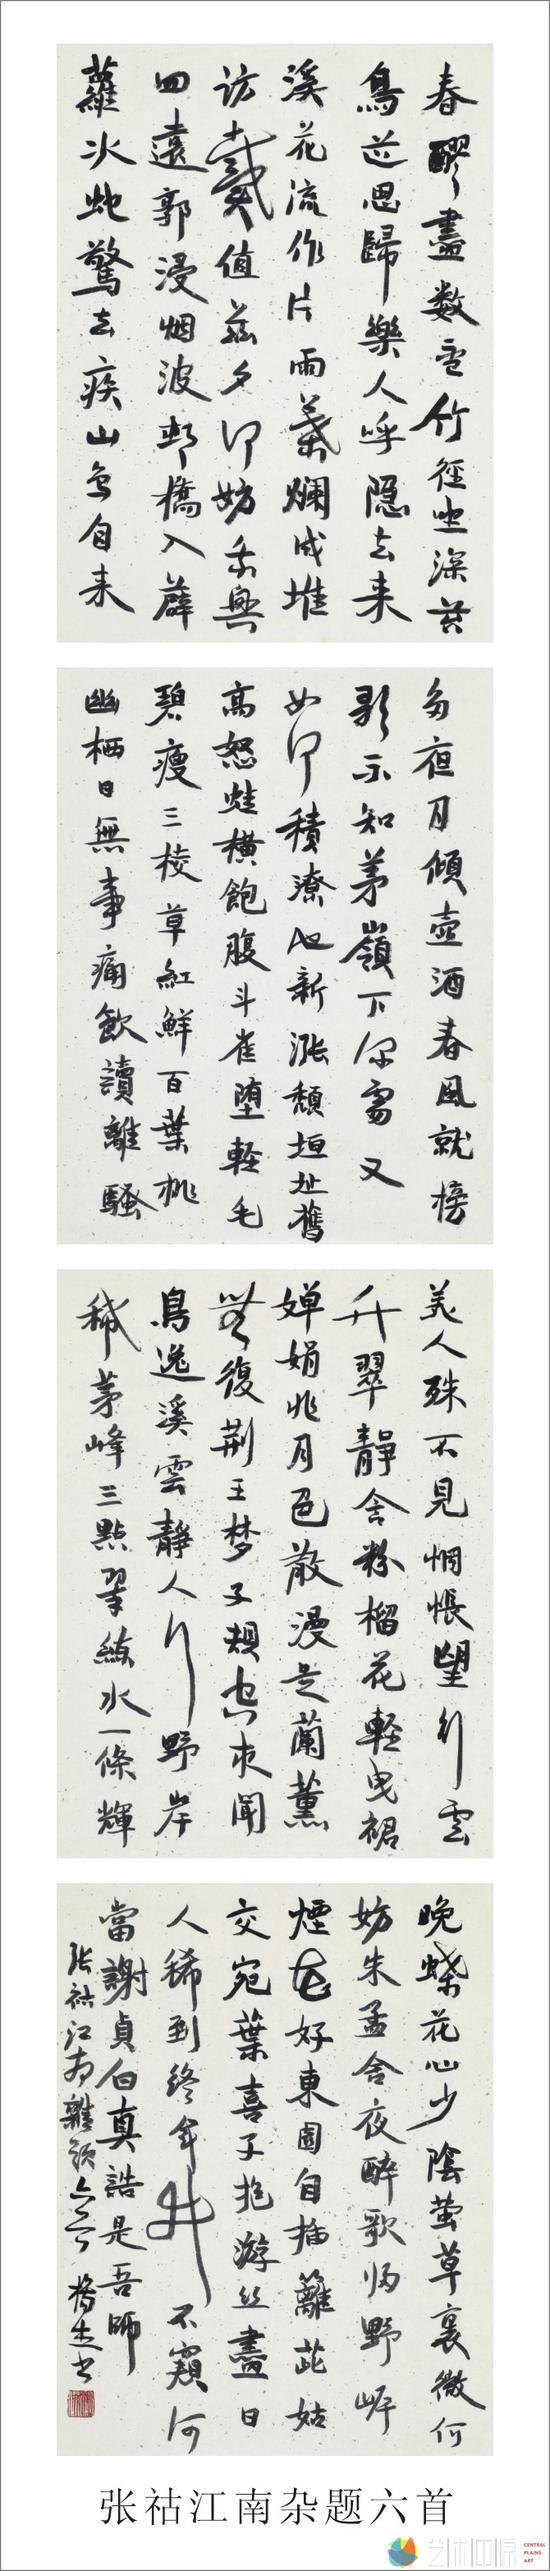 杨杰  作品十四  张祜江南杂题六首